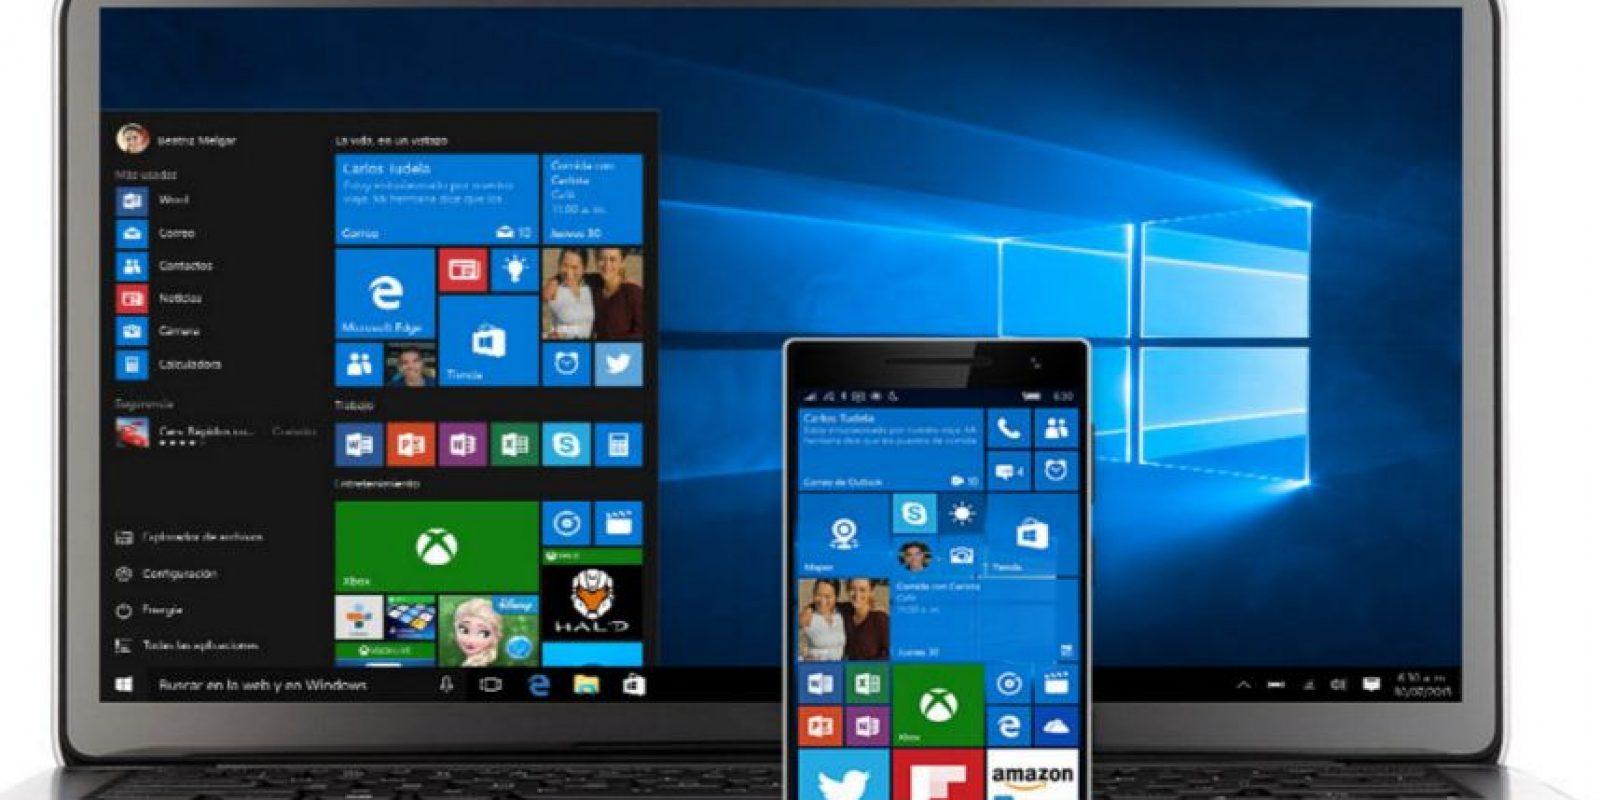 Según los internautas, esta es una de las mejores versiones que ha presentado el sistema operativo. Foto:Microsoft